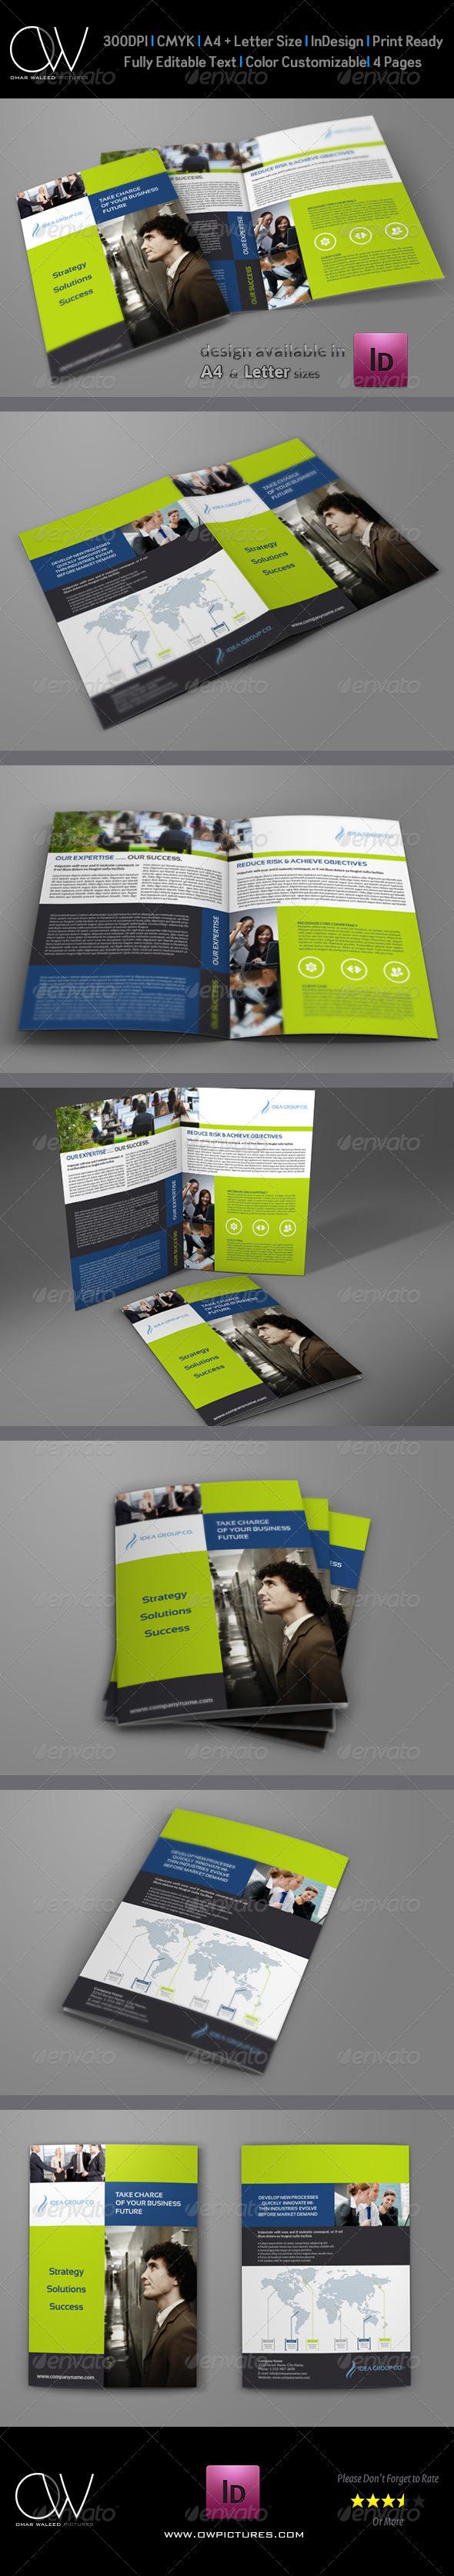 GraphicRiver Company Brochure Bi-Fold Template Vol.12 6446636